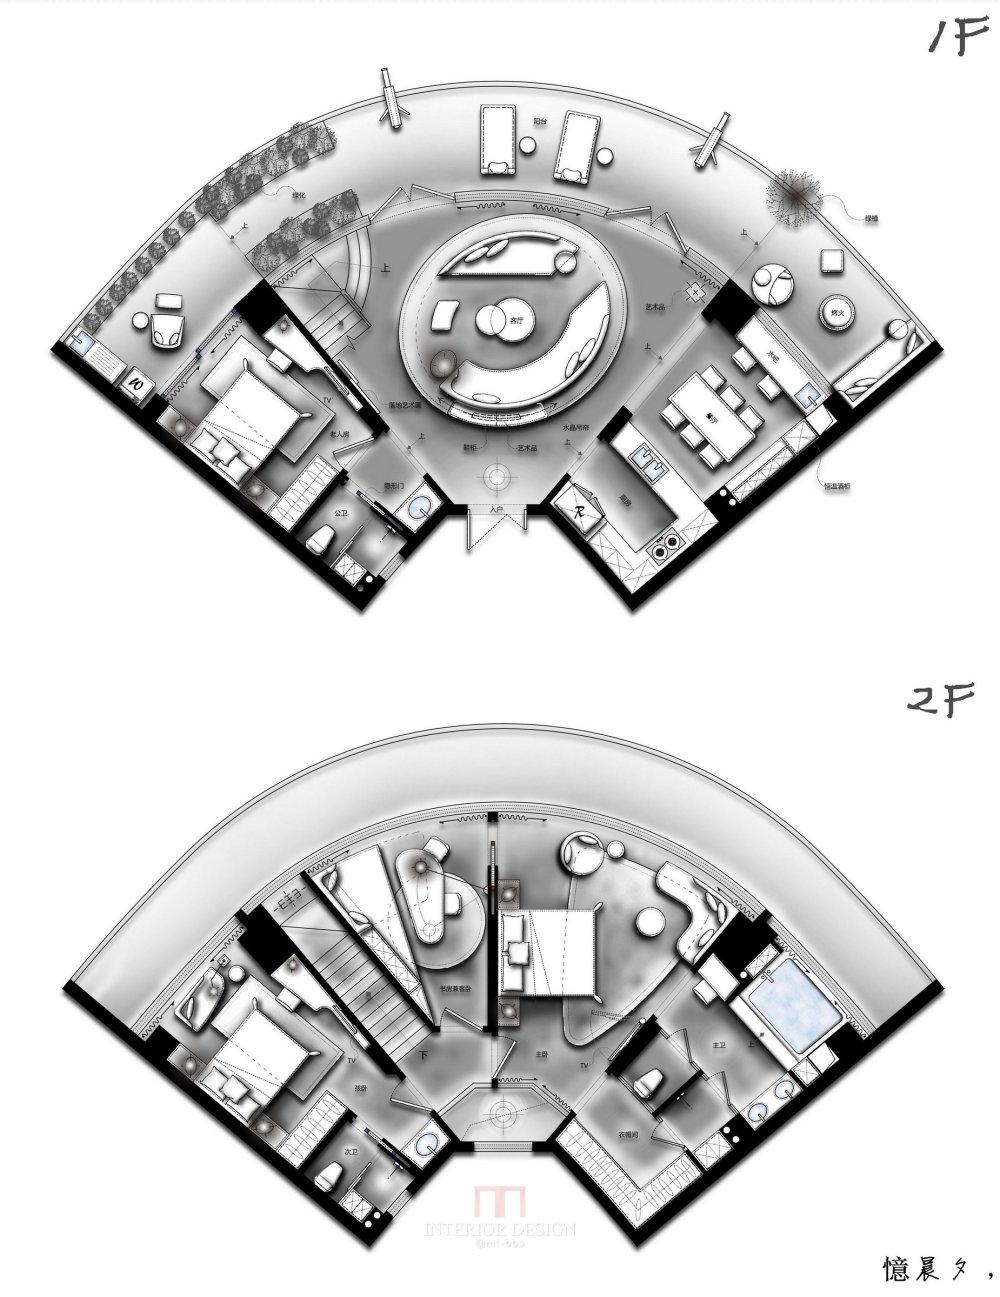 【第14期-住宅平面优化】一个跃层海景房11个方案 投票奖励DB_09.jpg